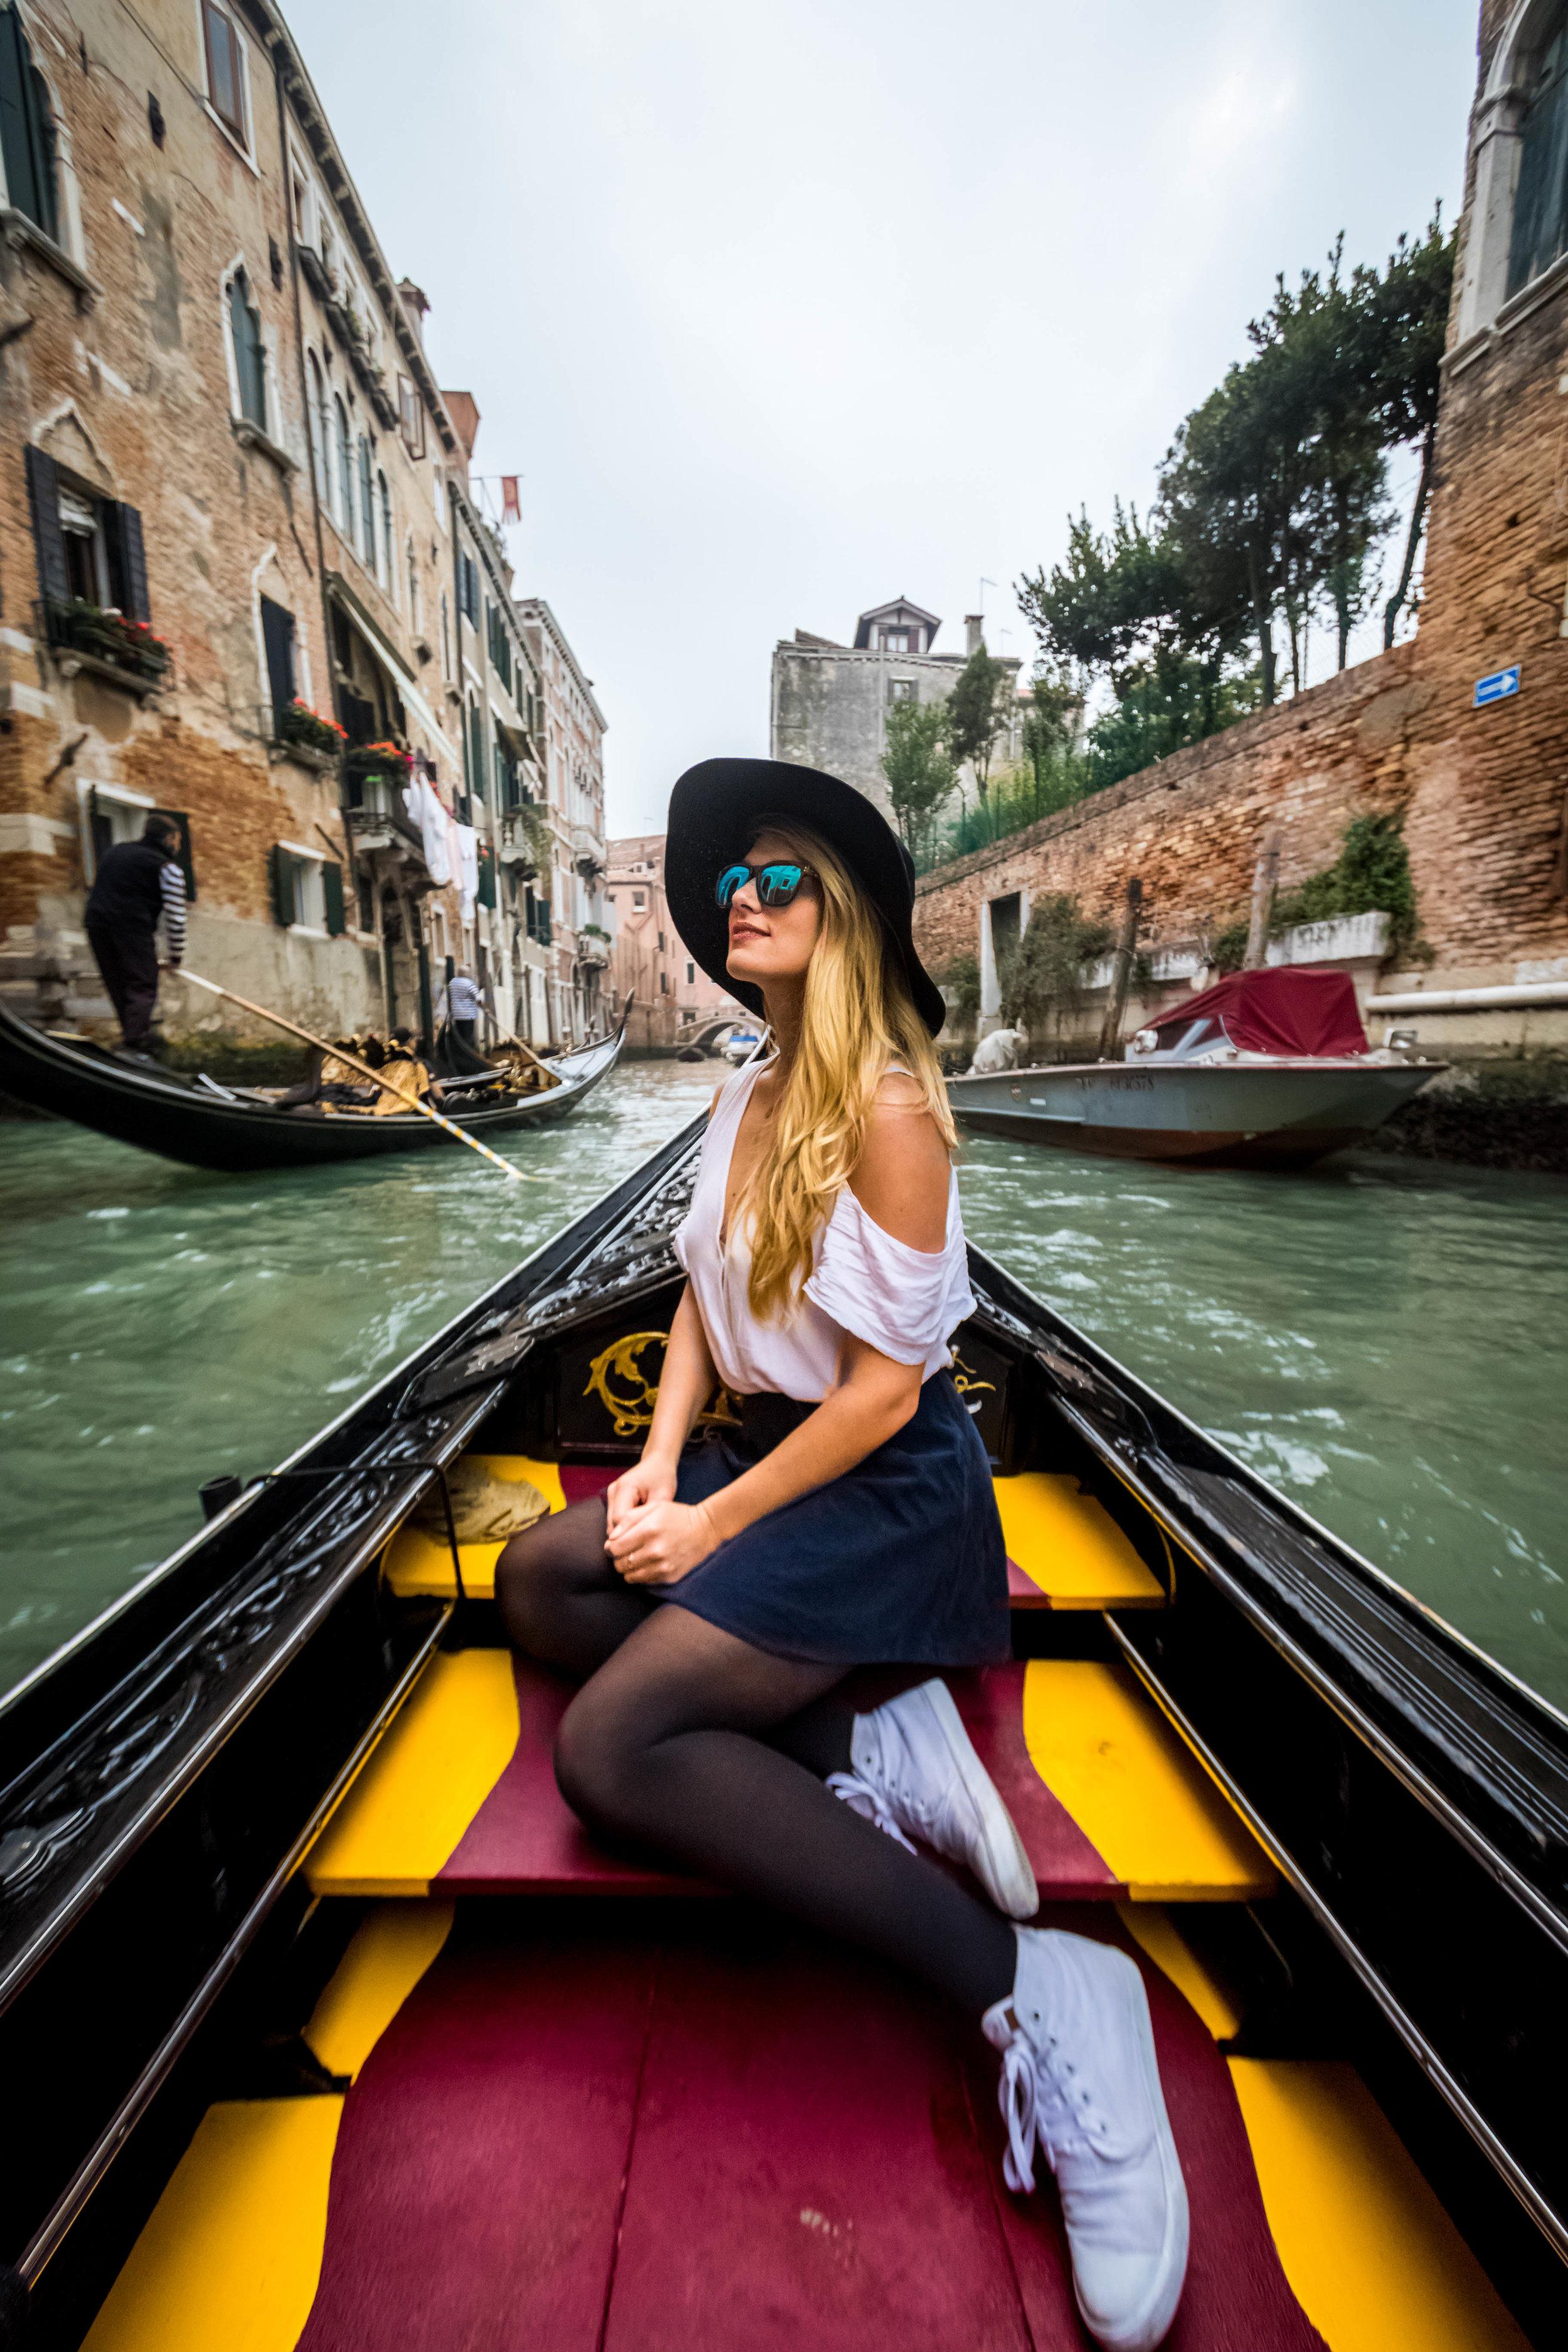 Gondola in Venice, Italy y Connor Trimble